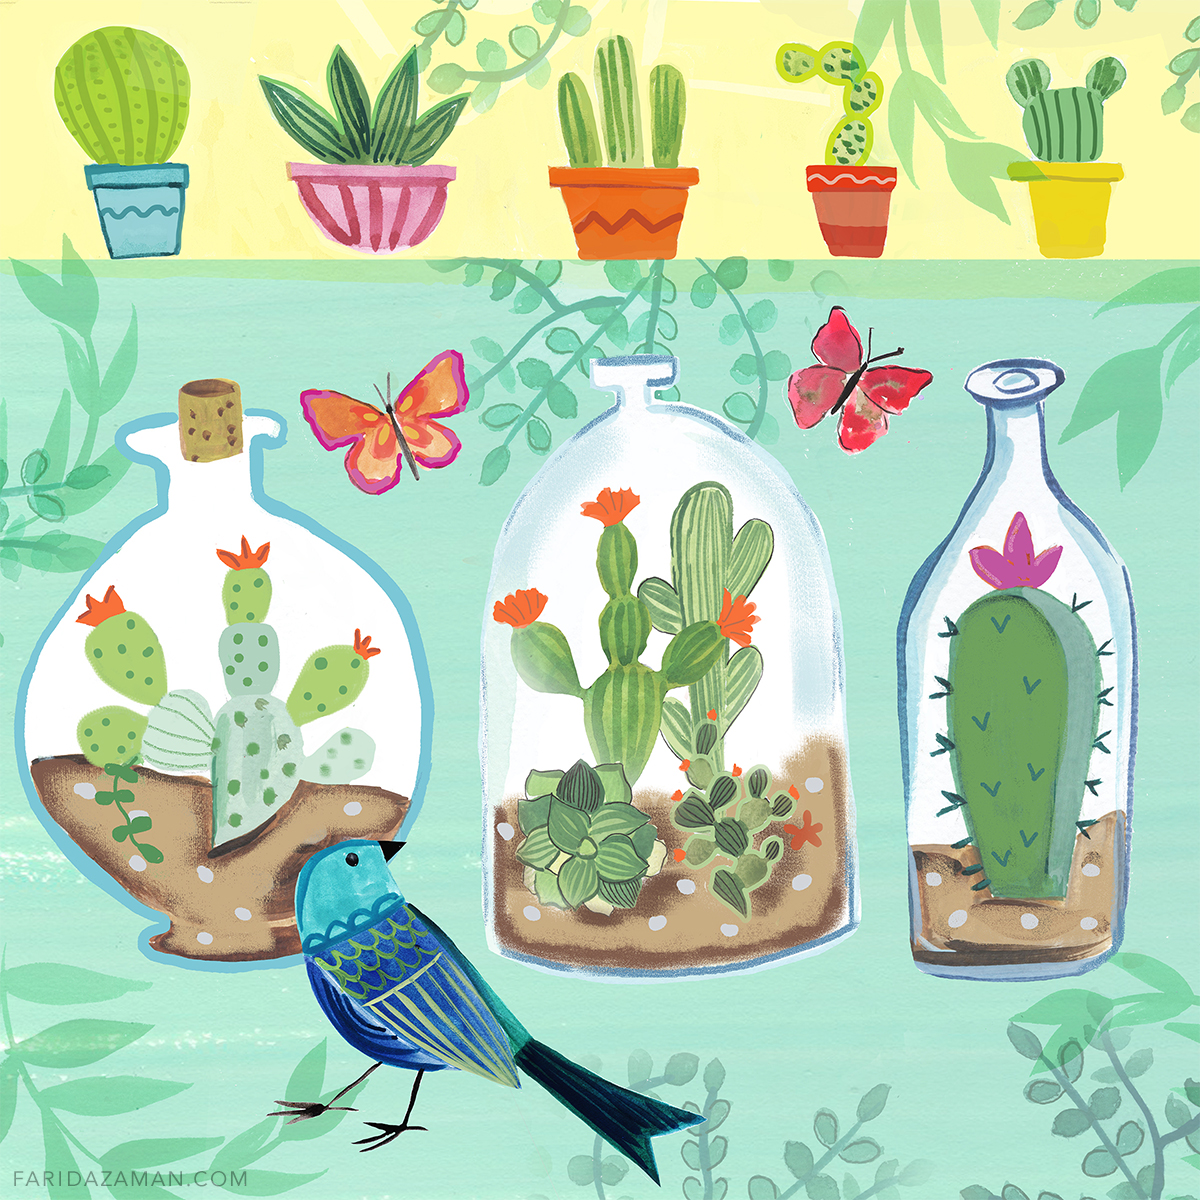 cactus bird2 150.jpg